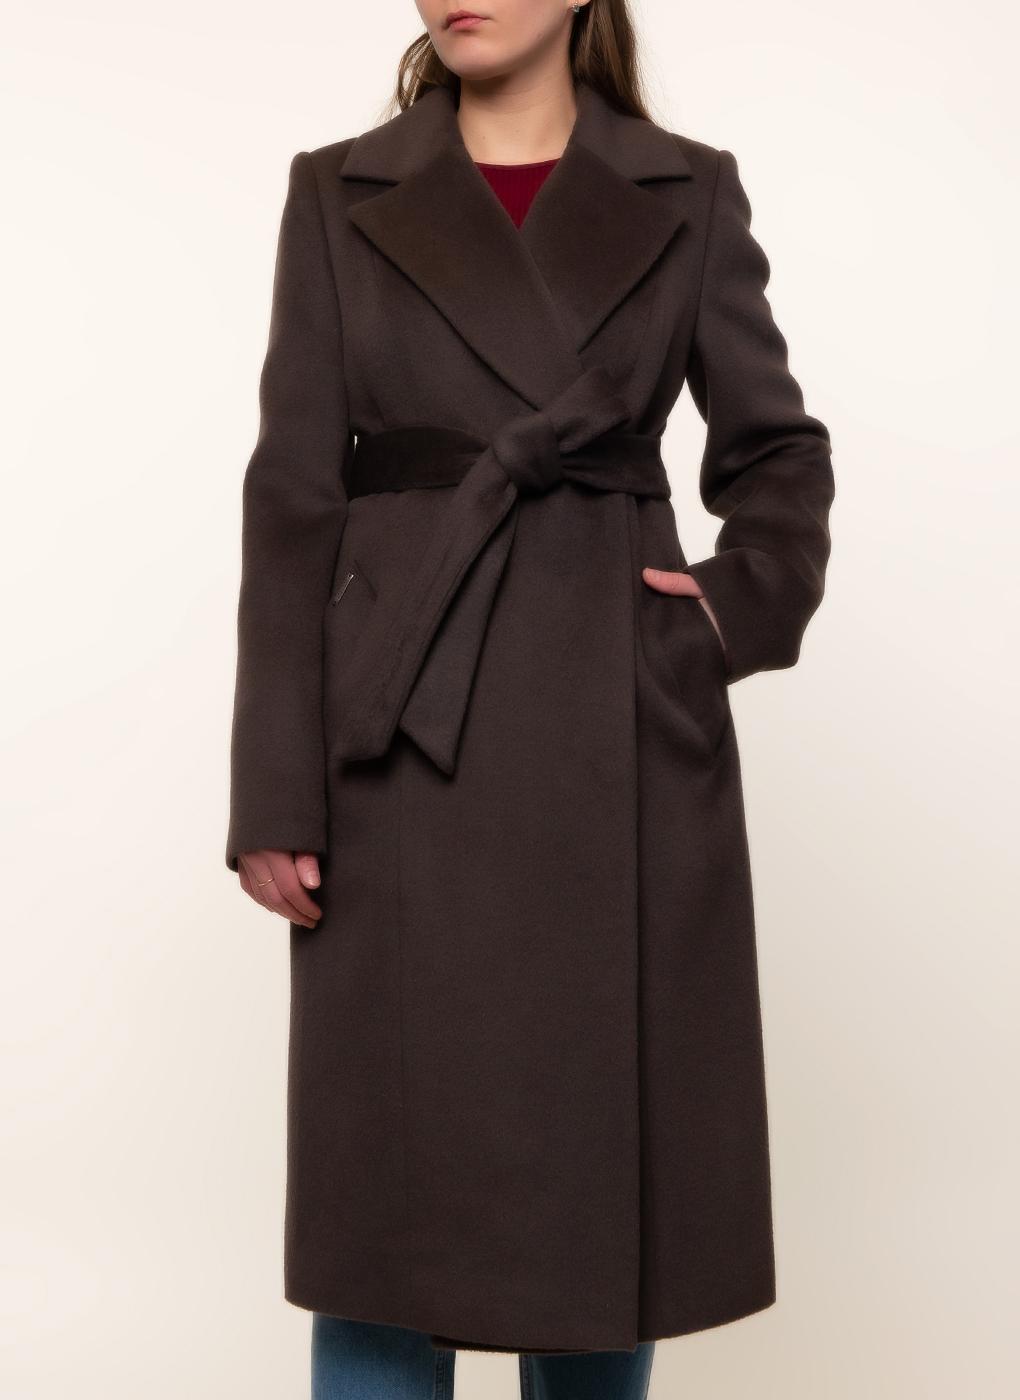 Пальто приталенное шерстяное 84, idekka